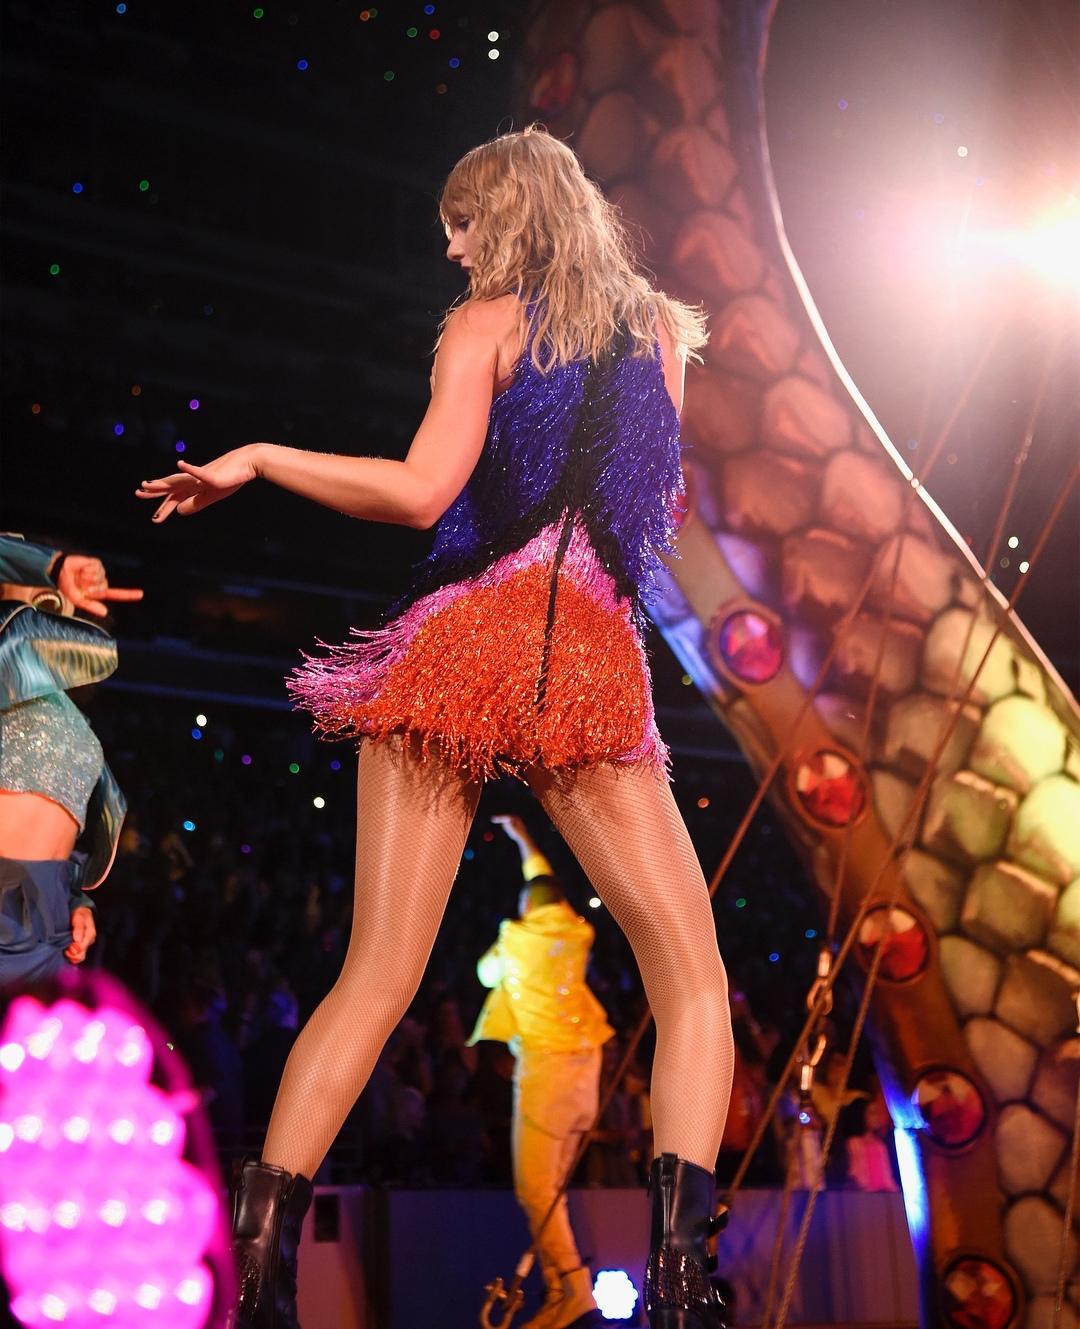 Sau khi kết thúc tour diễn Danh Tiếng trên đất Nhật, Taylor Swift thu về hàng tỉ USD - Hình 12